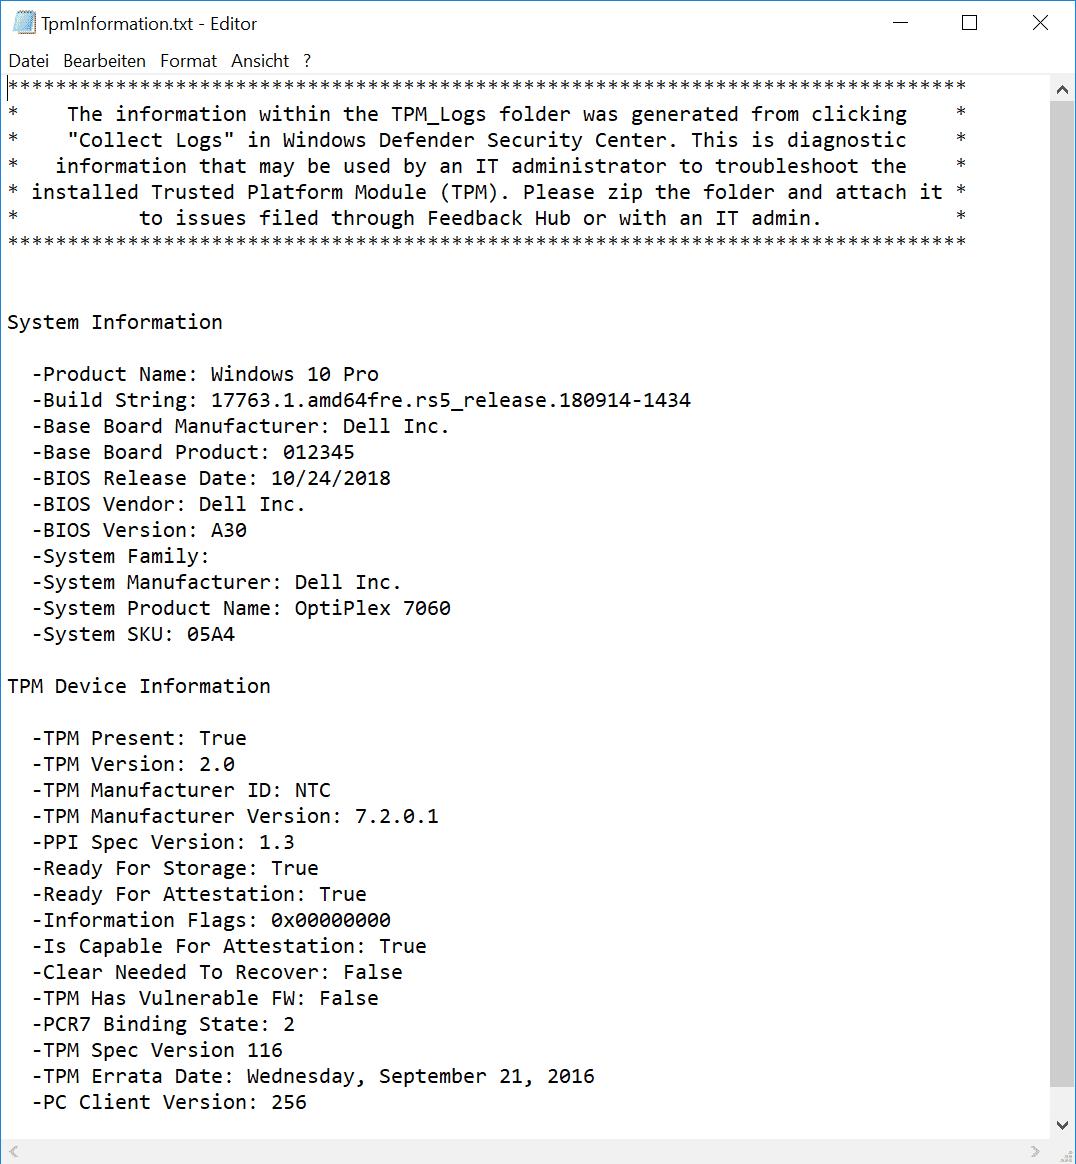 TPM Information Datei